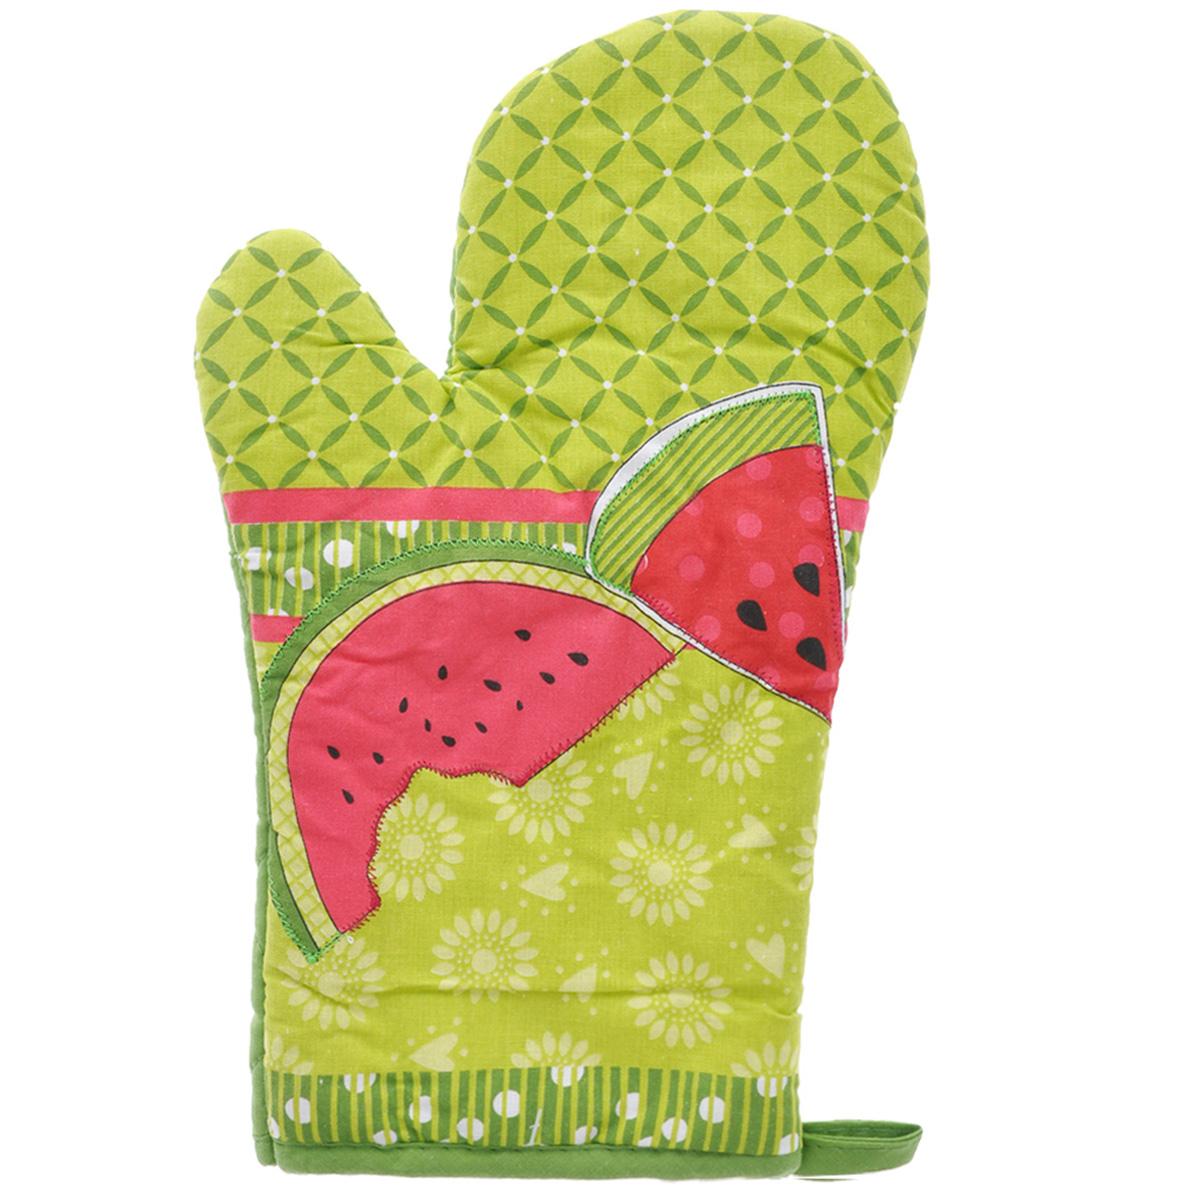 Рукавица-прихватка LaSella, цвет: зеленый, красный, 30 см. MT002009MT002009(F9563)Рукавица-прихватка LaSella изготовлена из хлопка. Эта рукавица с ярким дизайном защитит ваши руки от высоких температур и предотвратит появление ожогов. Изделие оснащено петелькой для подвешивания на крючок. Такая рукавица - отличный вариант для практичной и современной хозяйки.